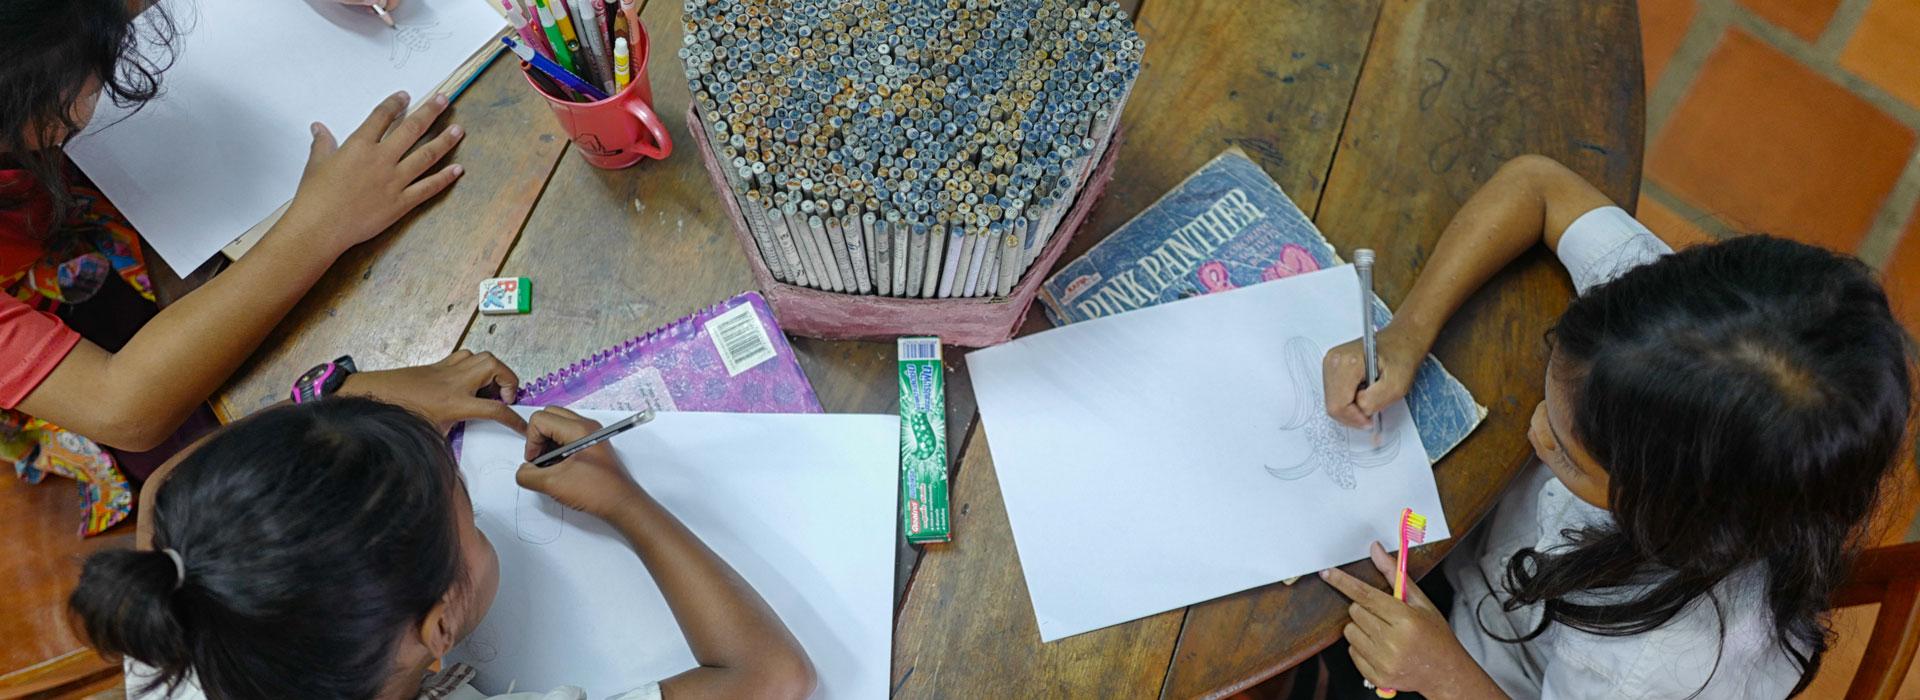 ARTE PER BAMBINI E GIOVANI VULNERABILI IN CAMBOGIA